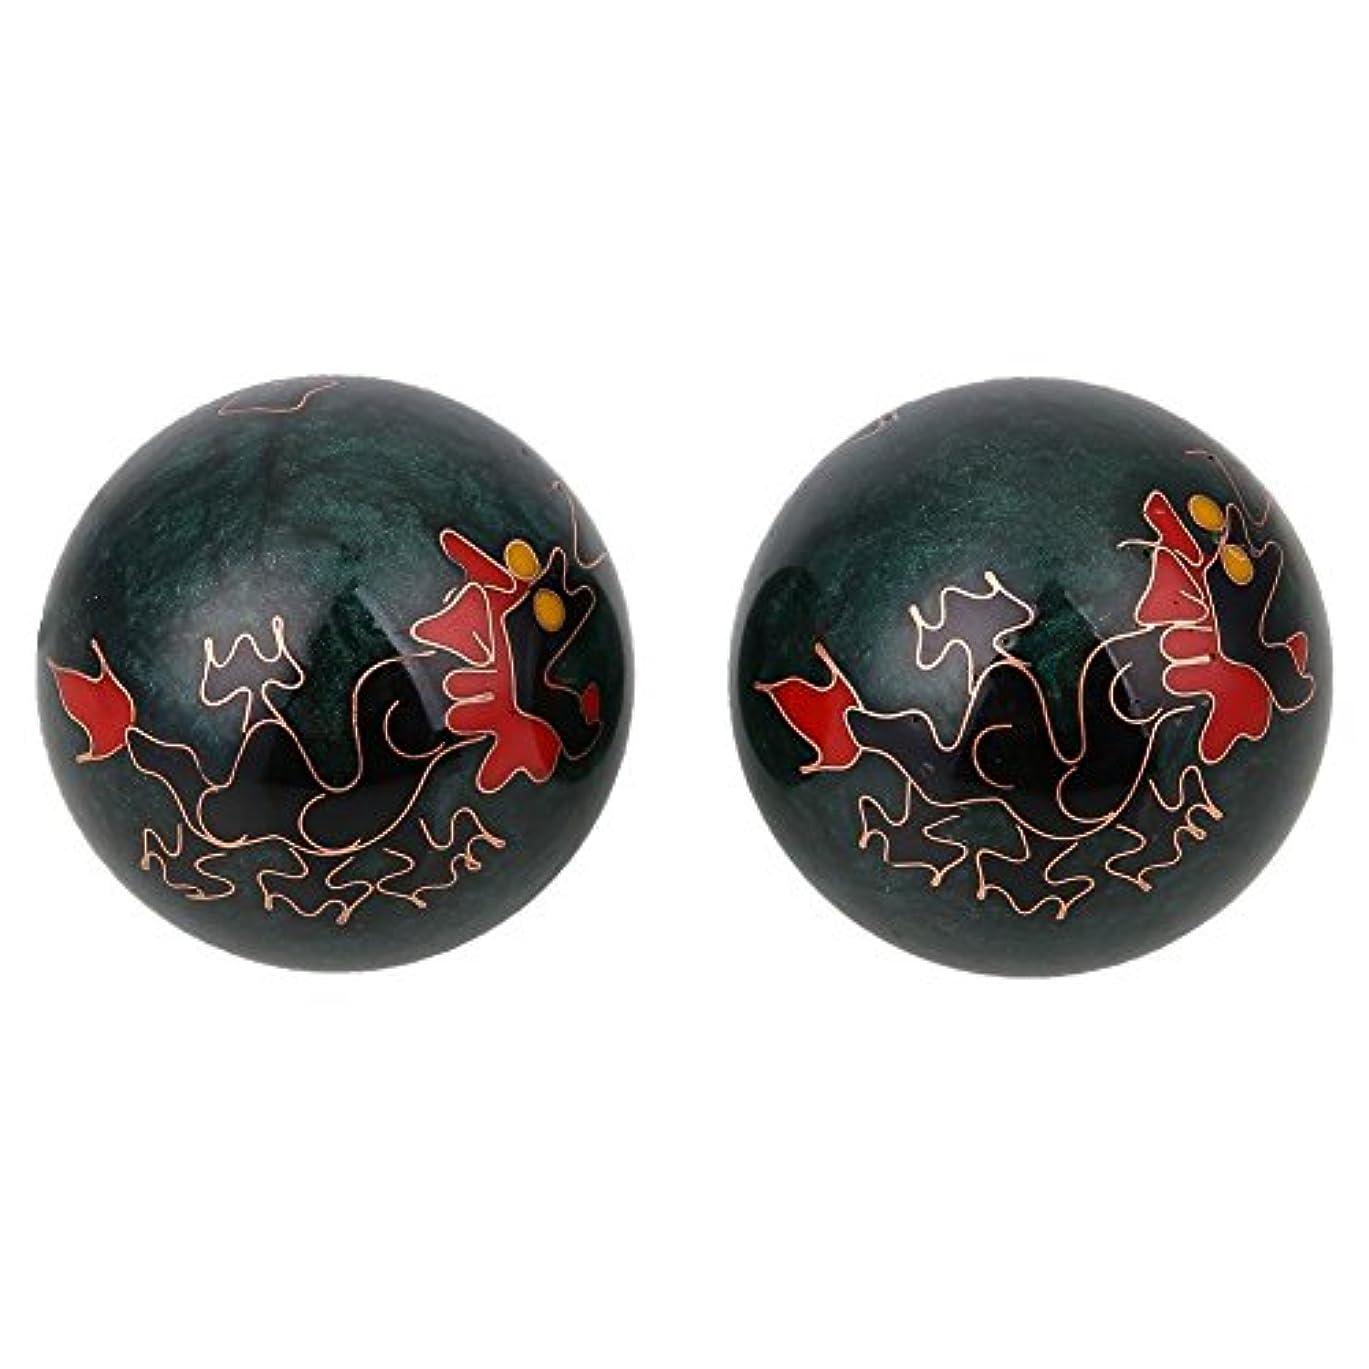 そっとストレス綺麗なattachmenttou ナチュラル中国 七宝保健 運動 ストレスボール